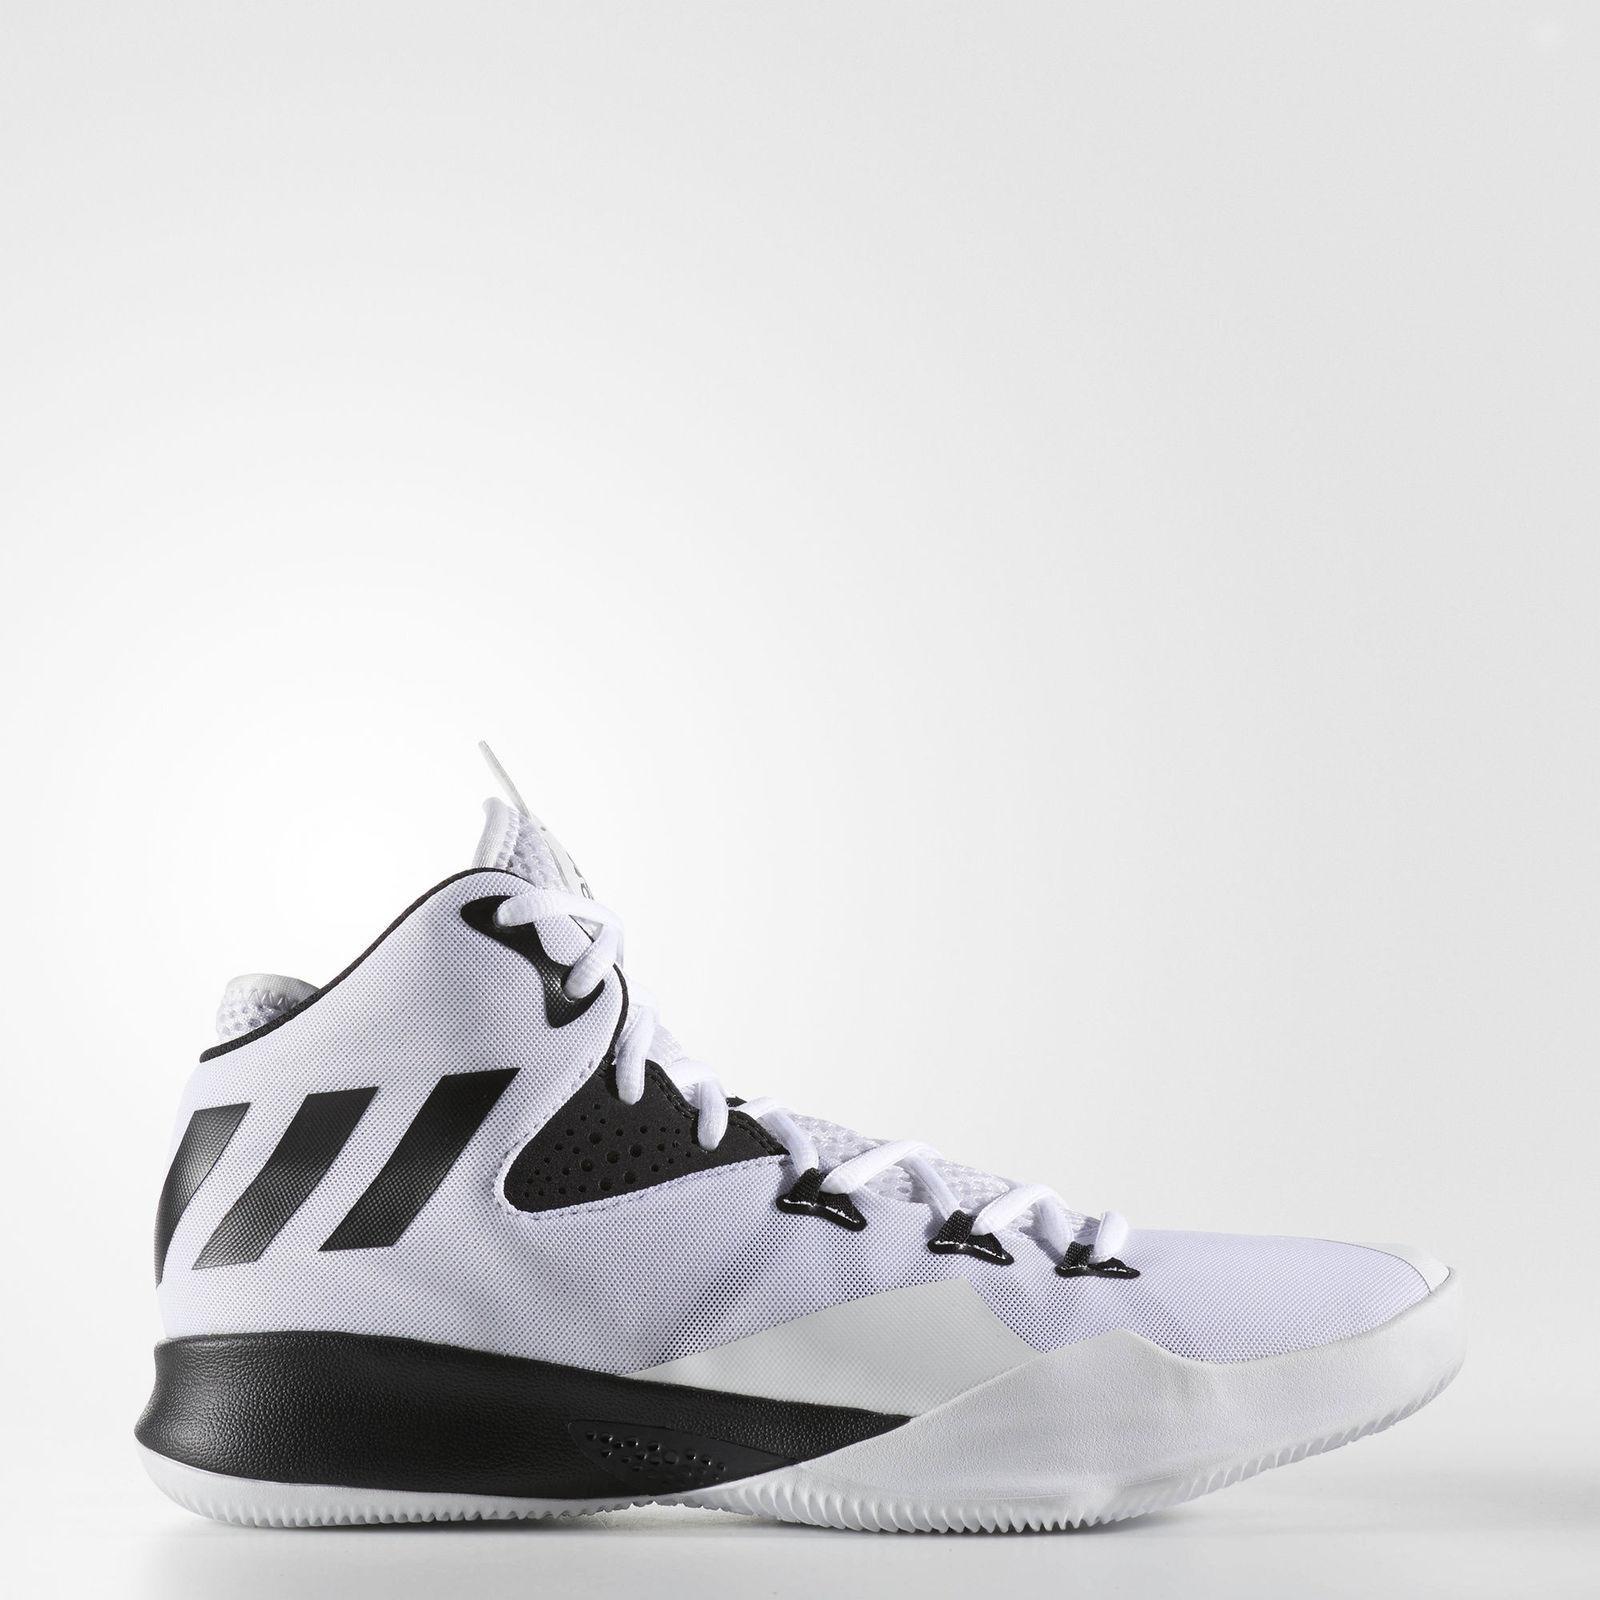 Gli uomini è adidas duello minaccia scarpe da basket bianco   nero 2017 taglia 12 bb8377 nuova   Stile elegante    Uomini/Donna Scarpa